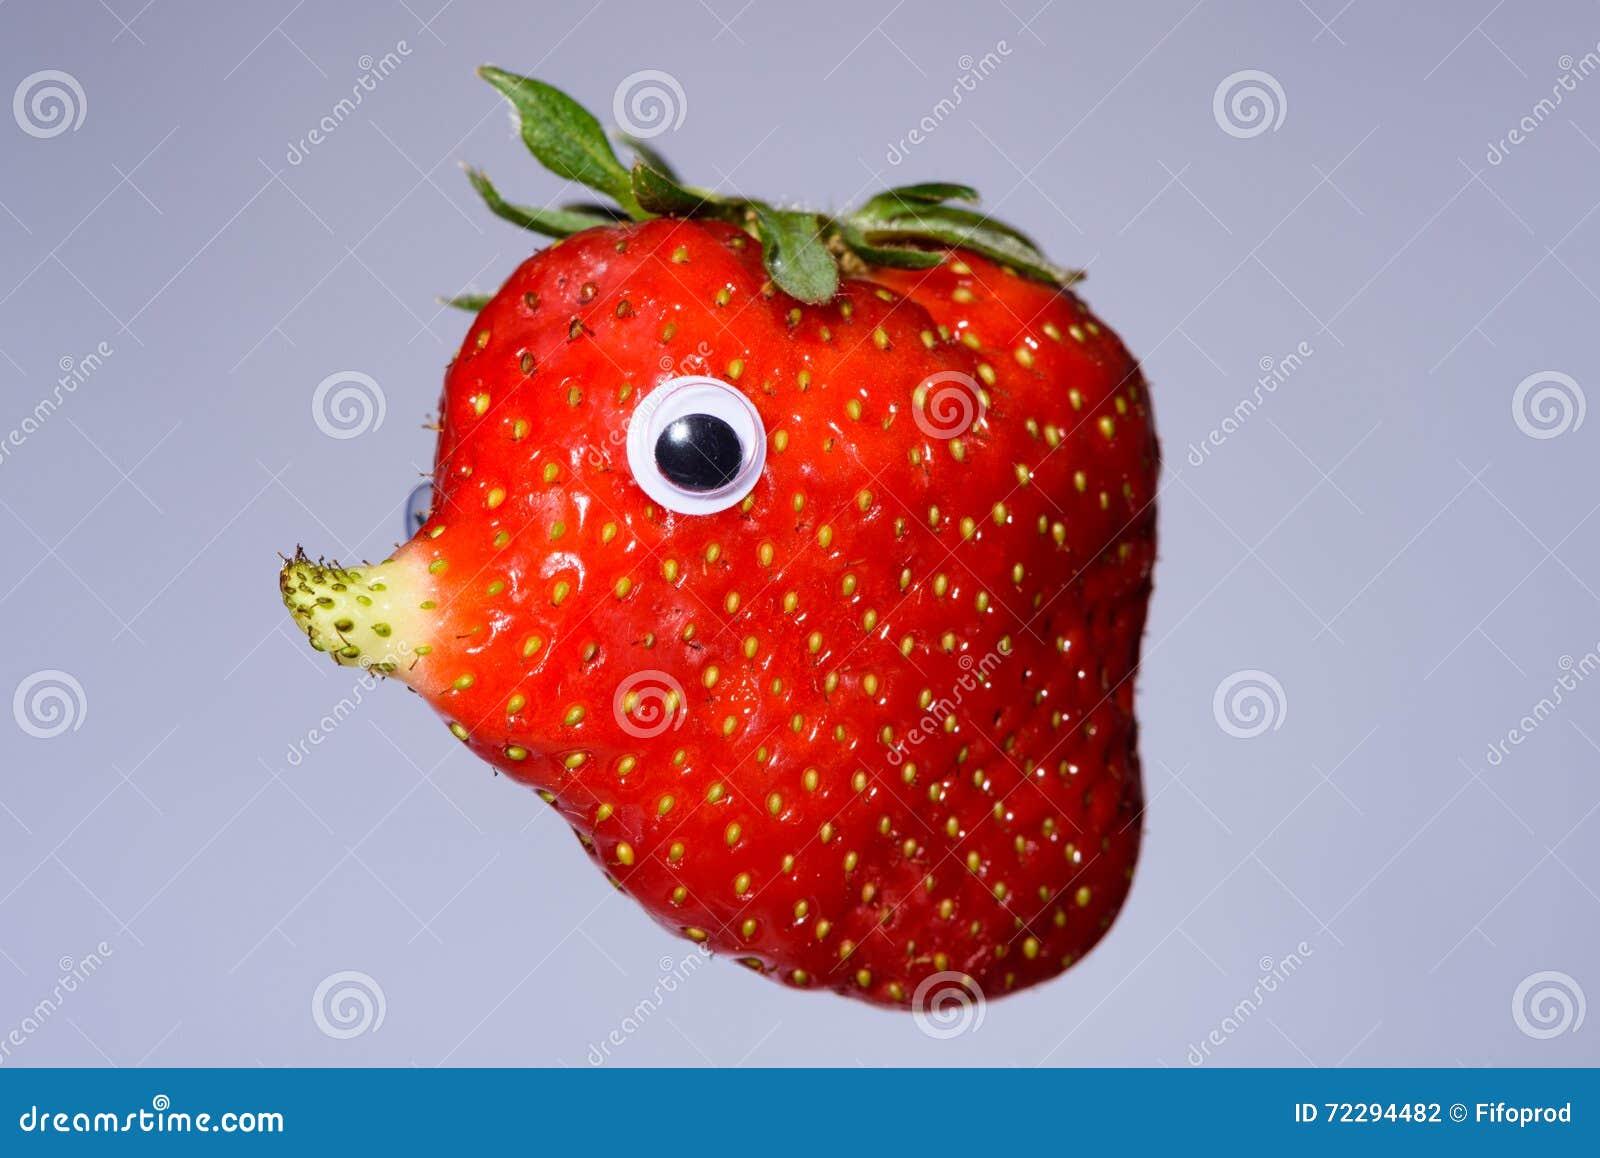 Download Клубника с естественным, который выросли носом любит сторона Стоковое Фото - изображение насчитывающей природа, одиночно: 72294482